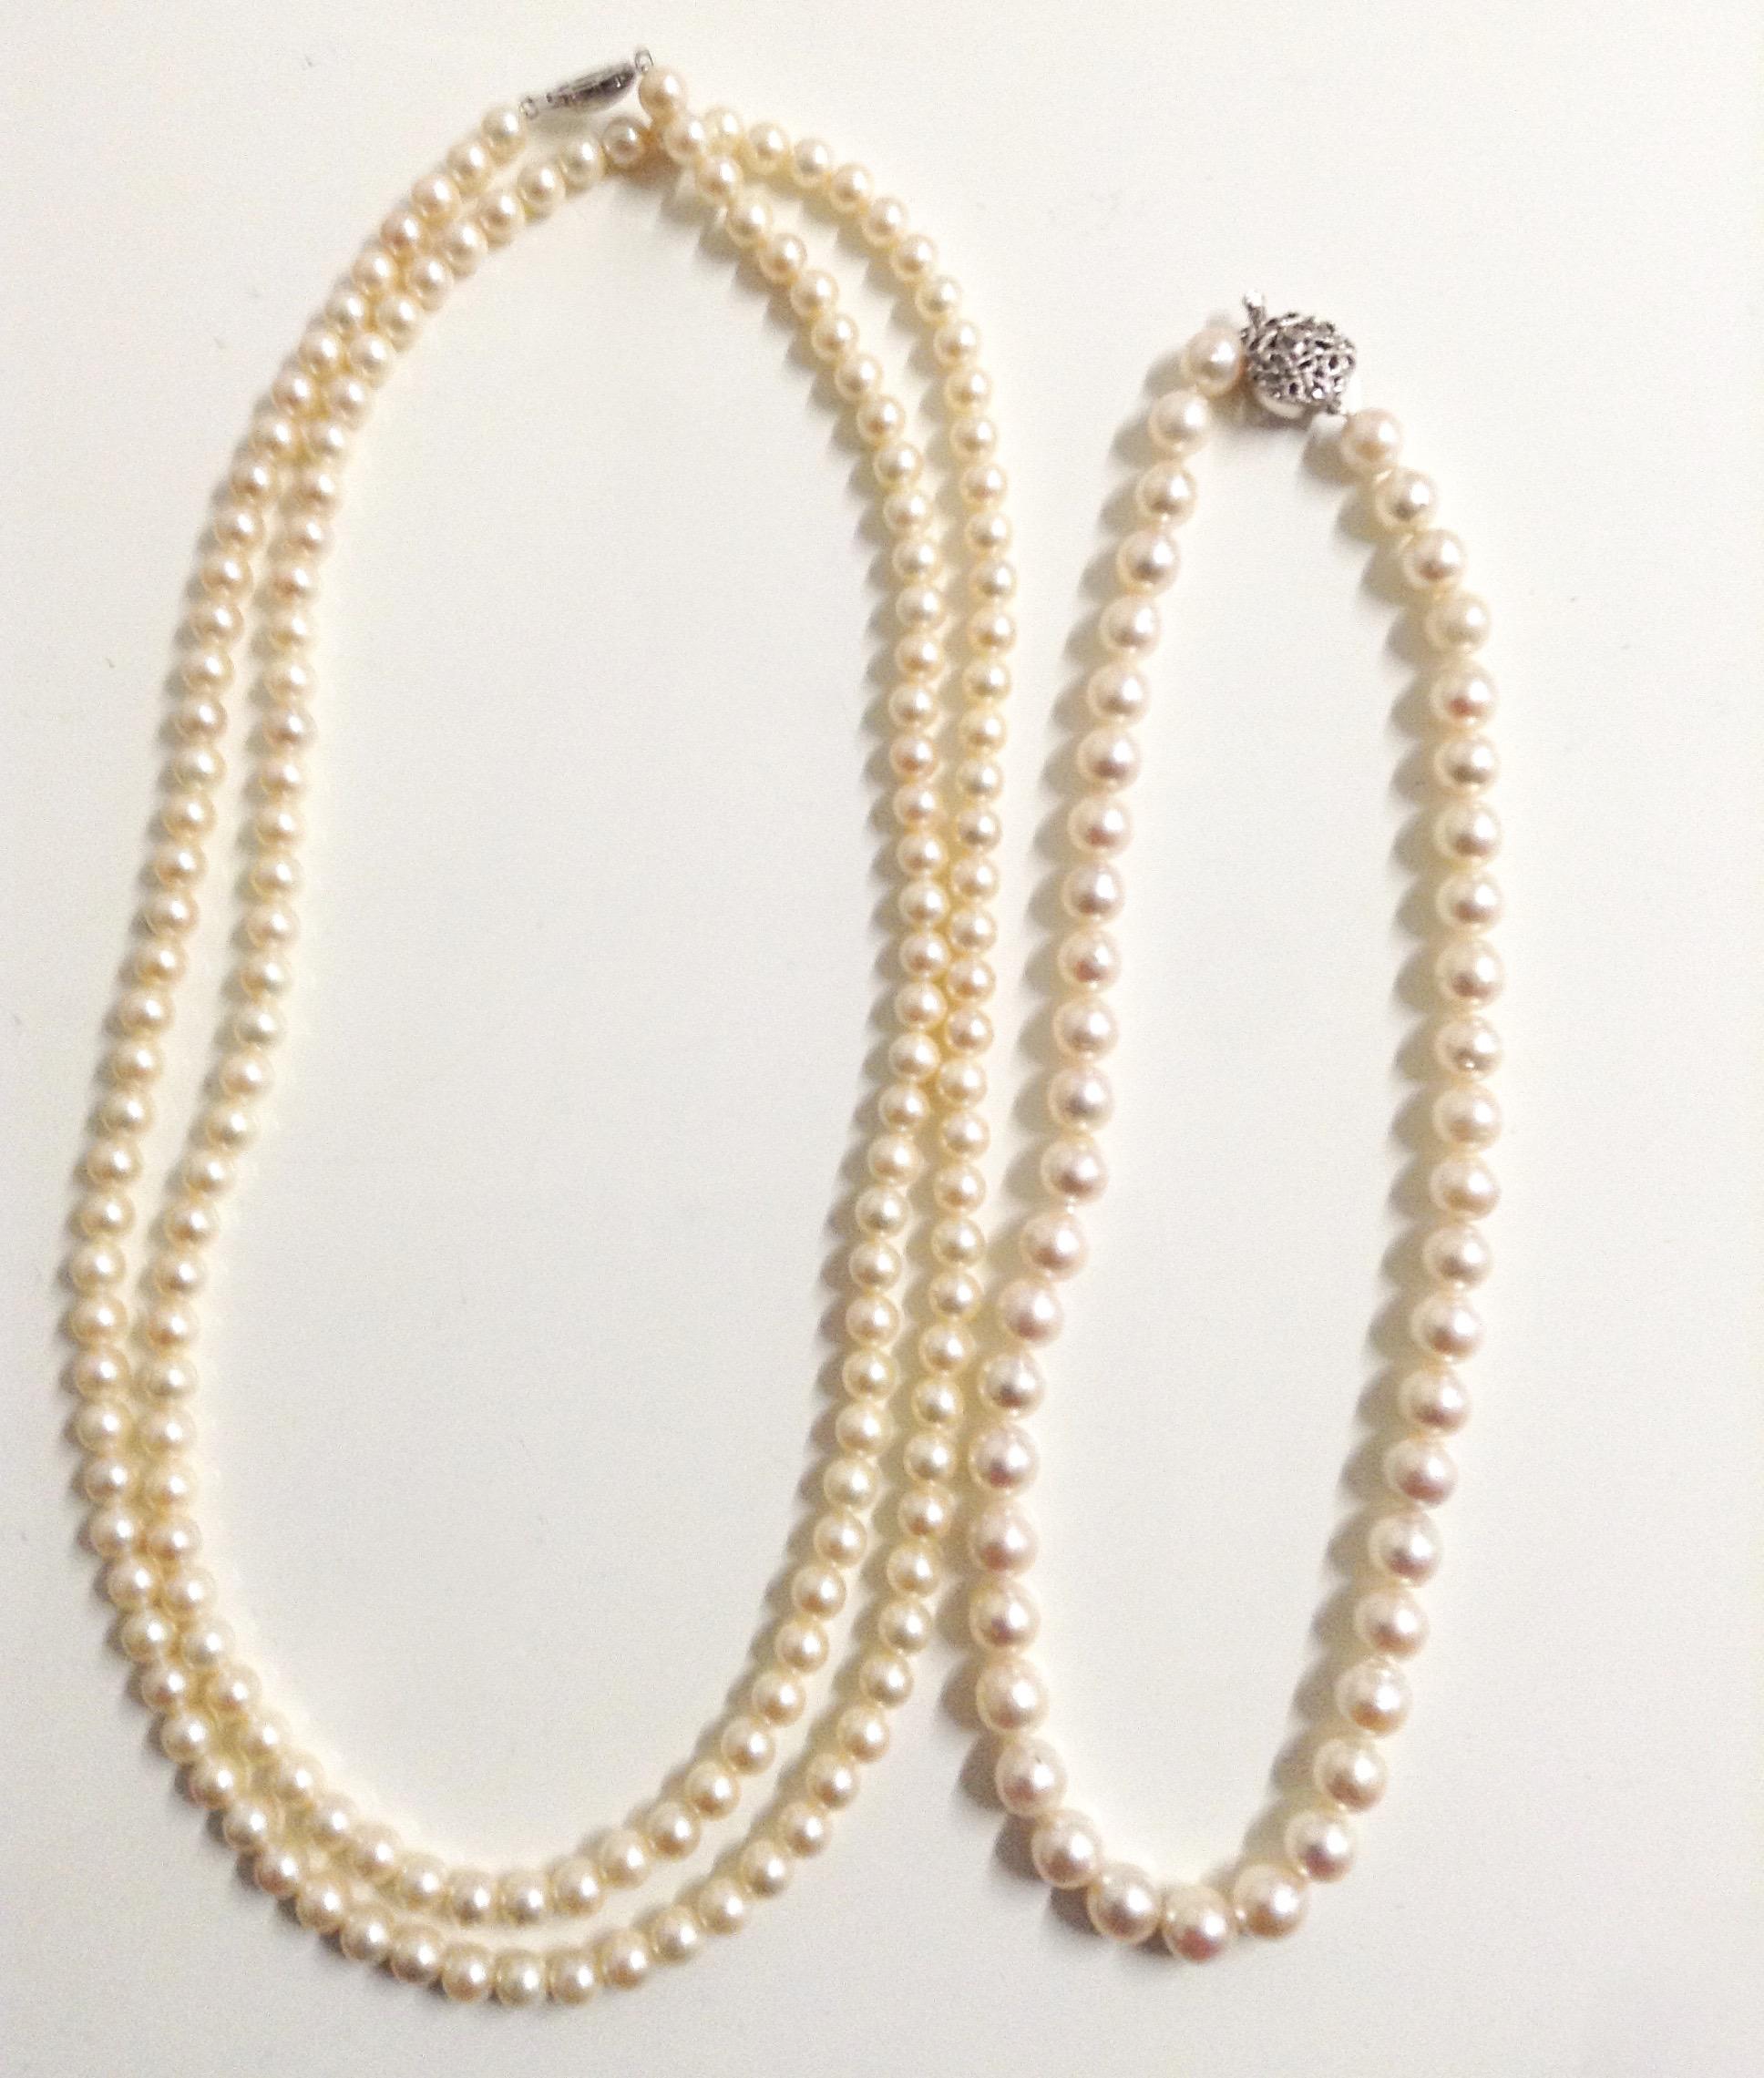 本物の真珠とイミテーション真珠の見分け方